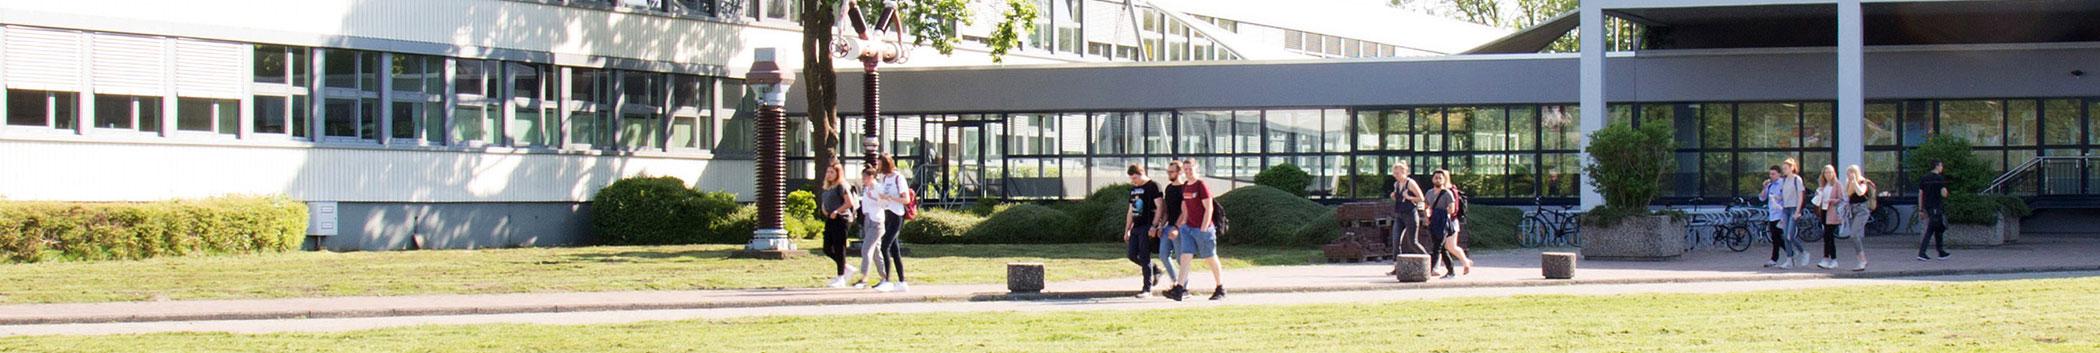 Campus Studienort Wilhelmshaven